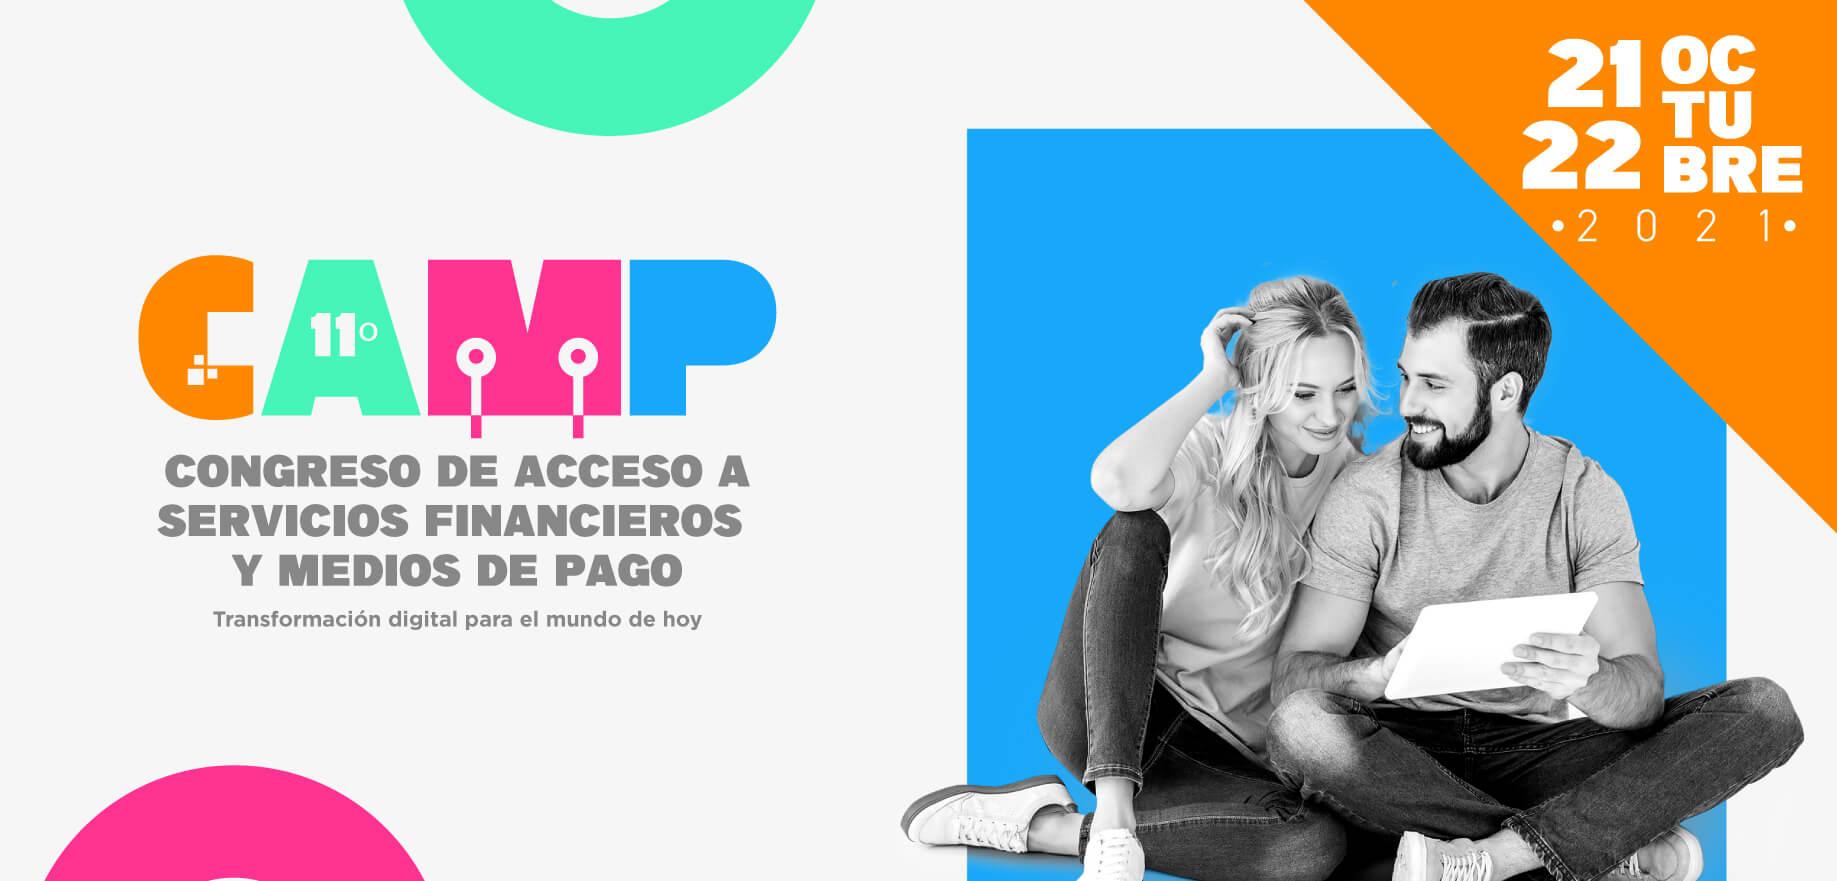 11° CAMP Congreso de Acceso a Servicios Financieros y Medios de Pago